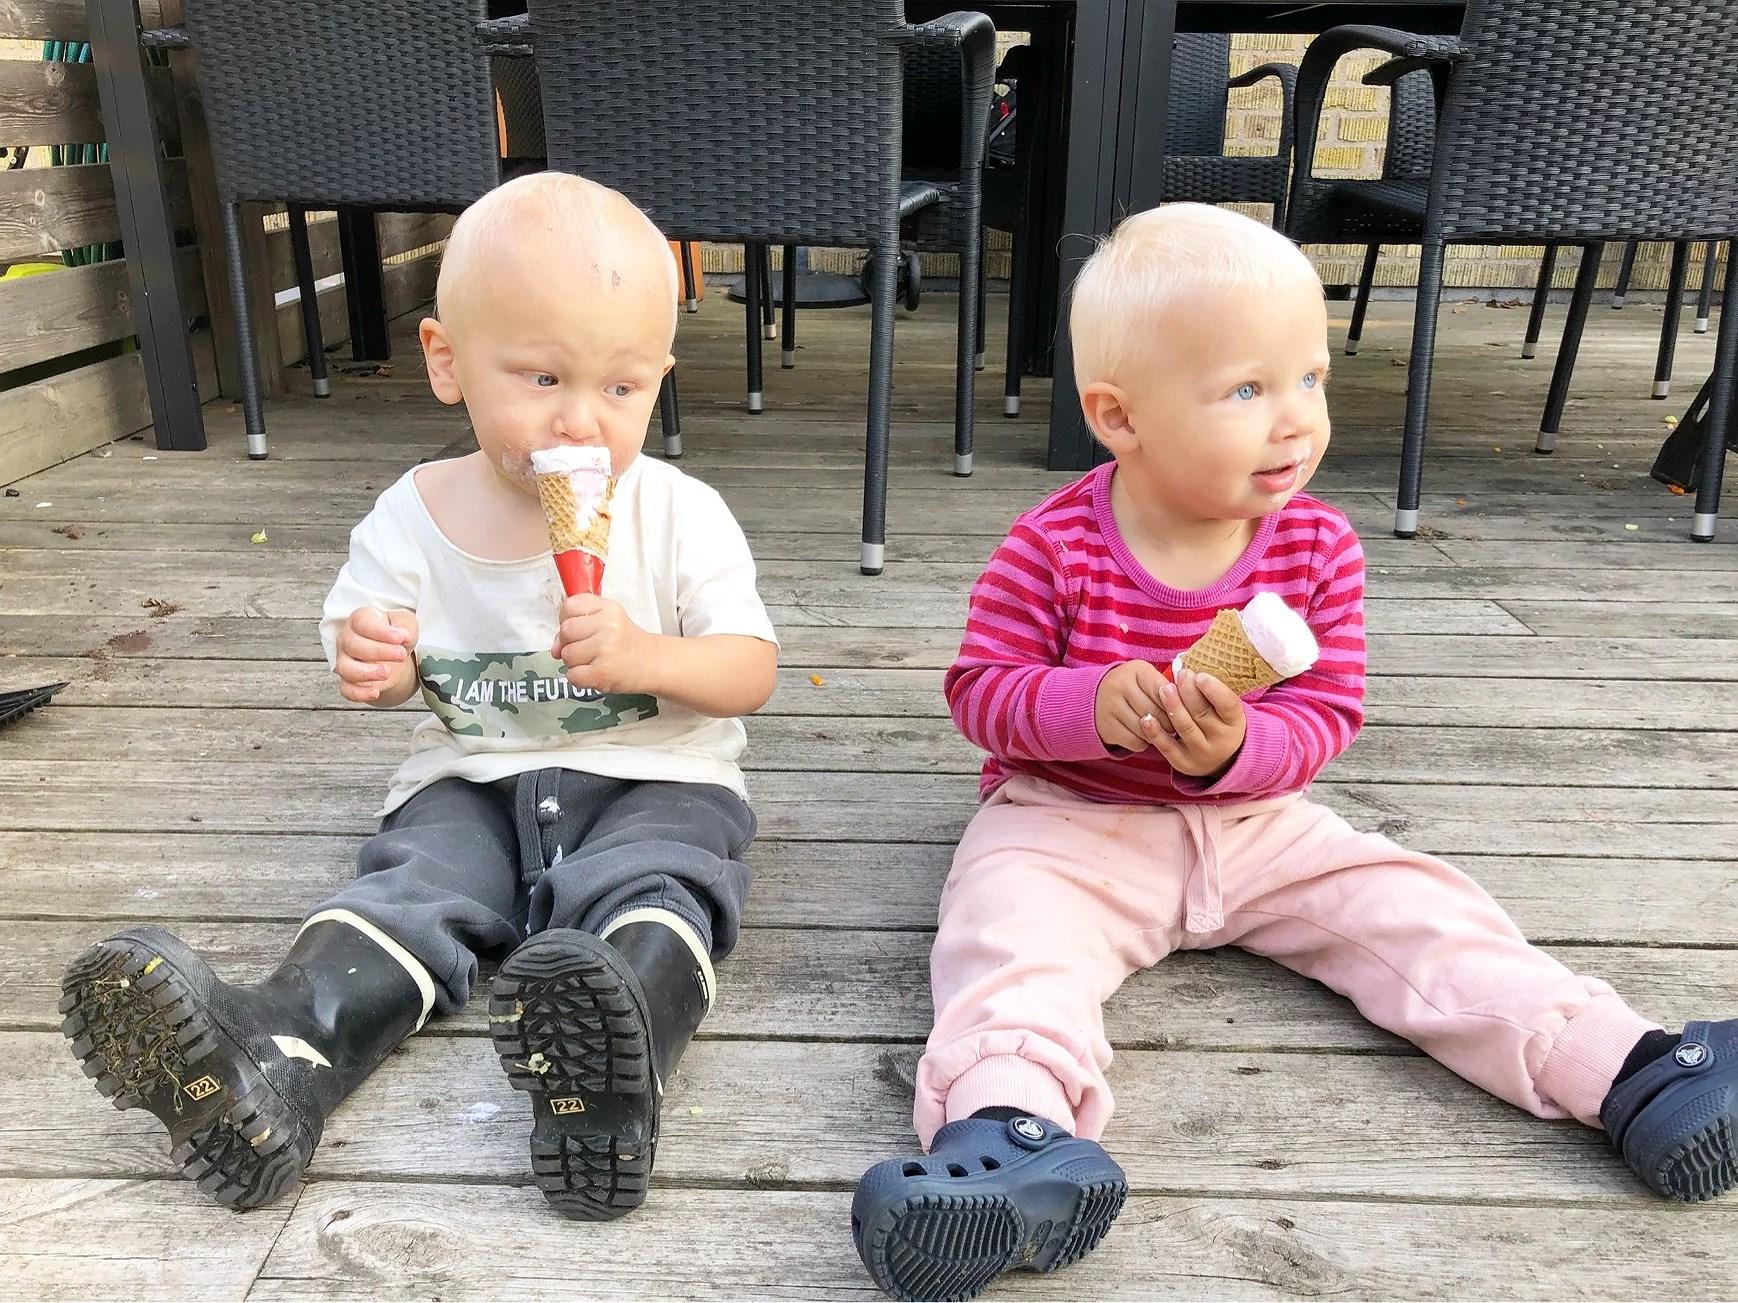 Glass efter maten